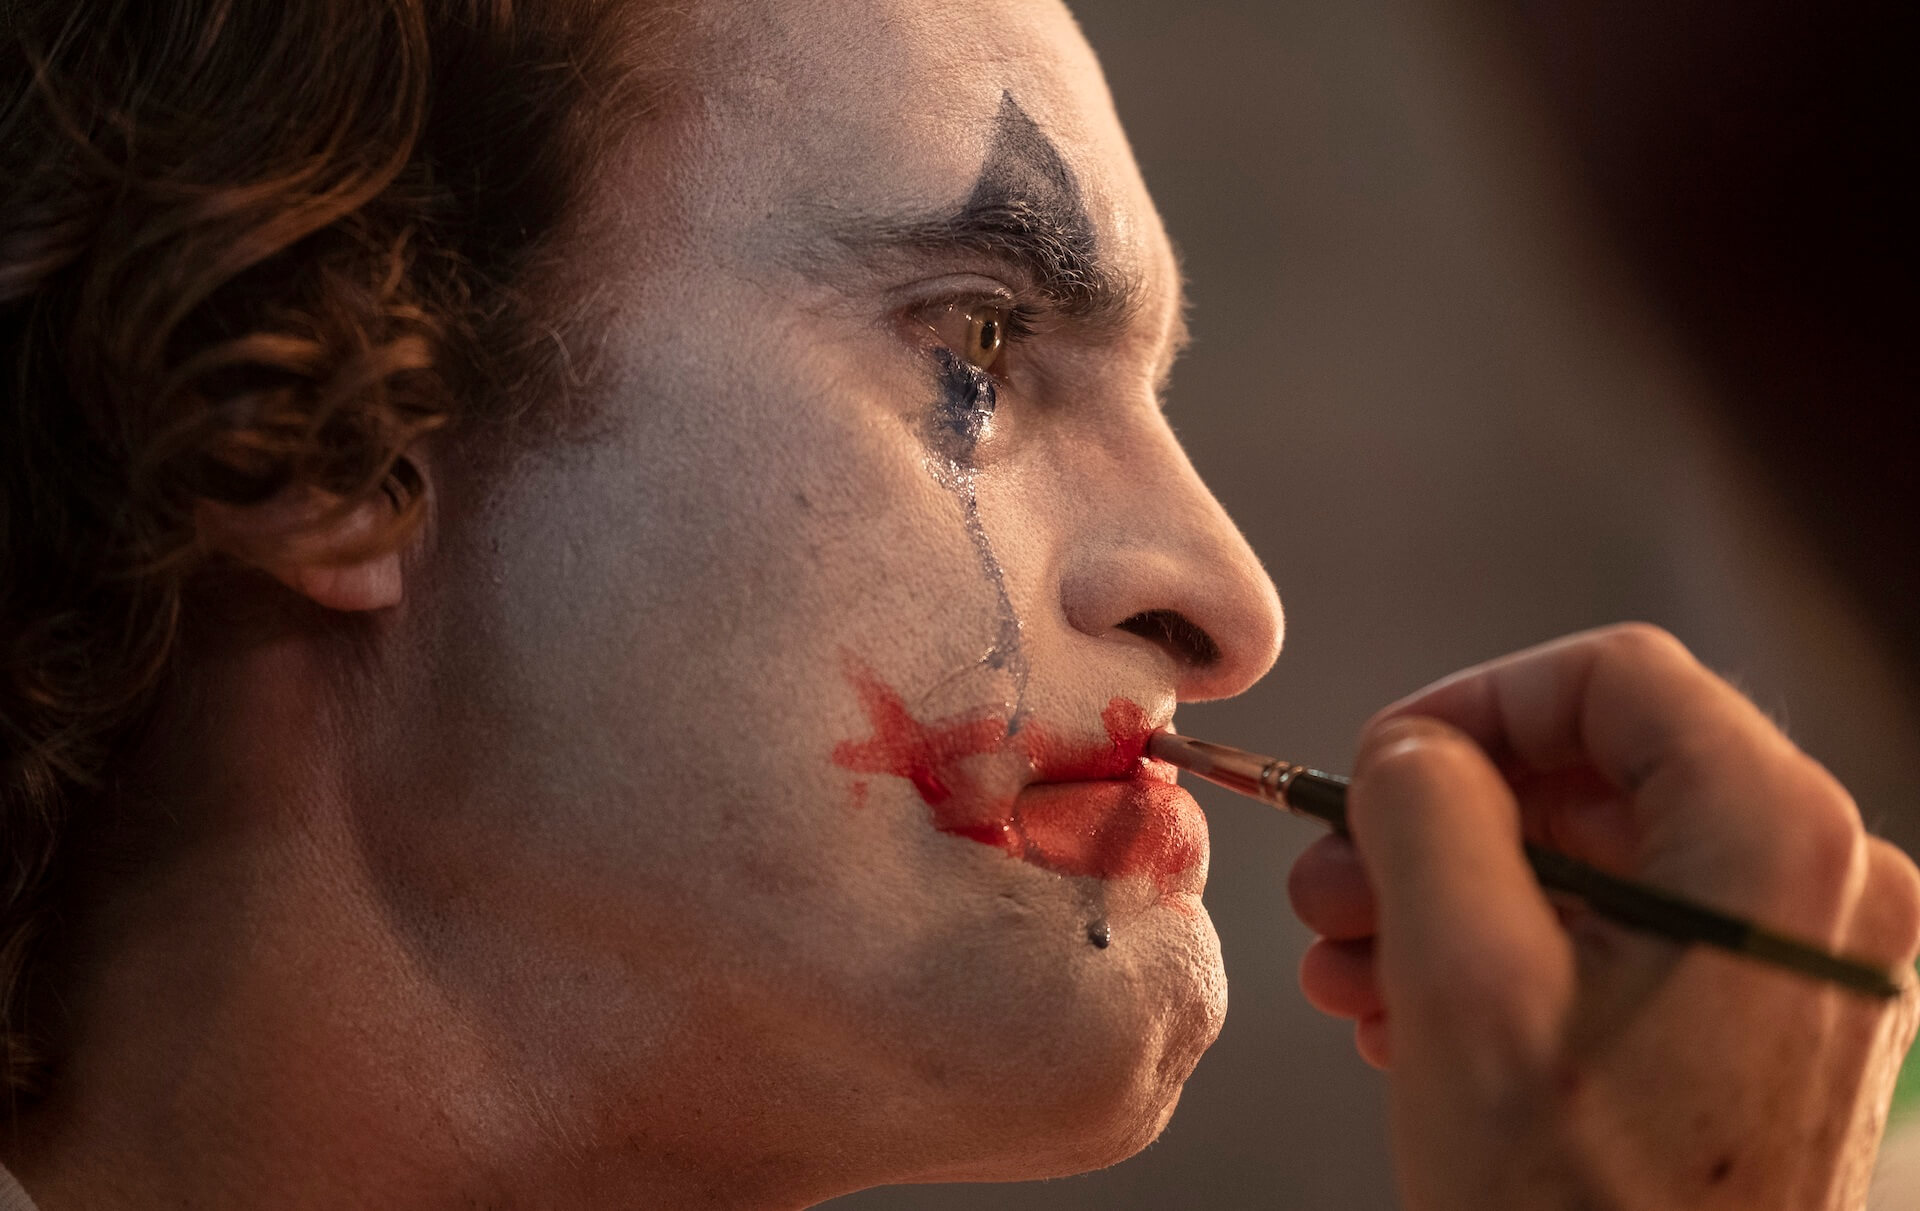 『ジョーカー』ついに劇場公開終了が決定!公開は来年1月まで|興収50億円突破 film191217_joker_3